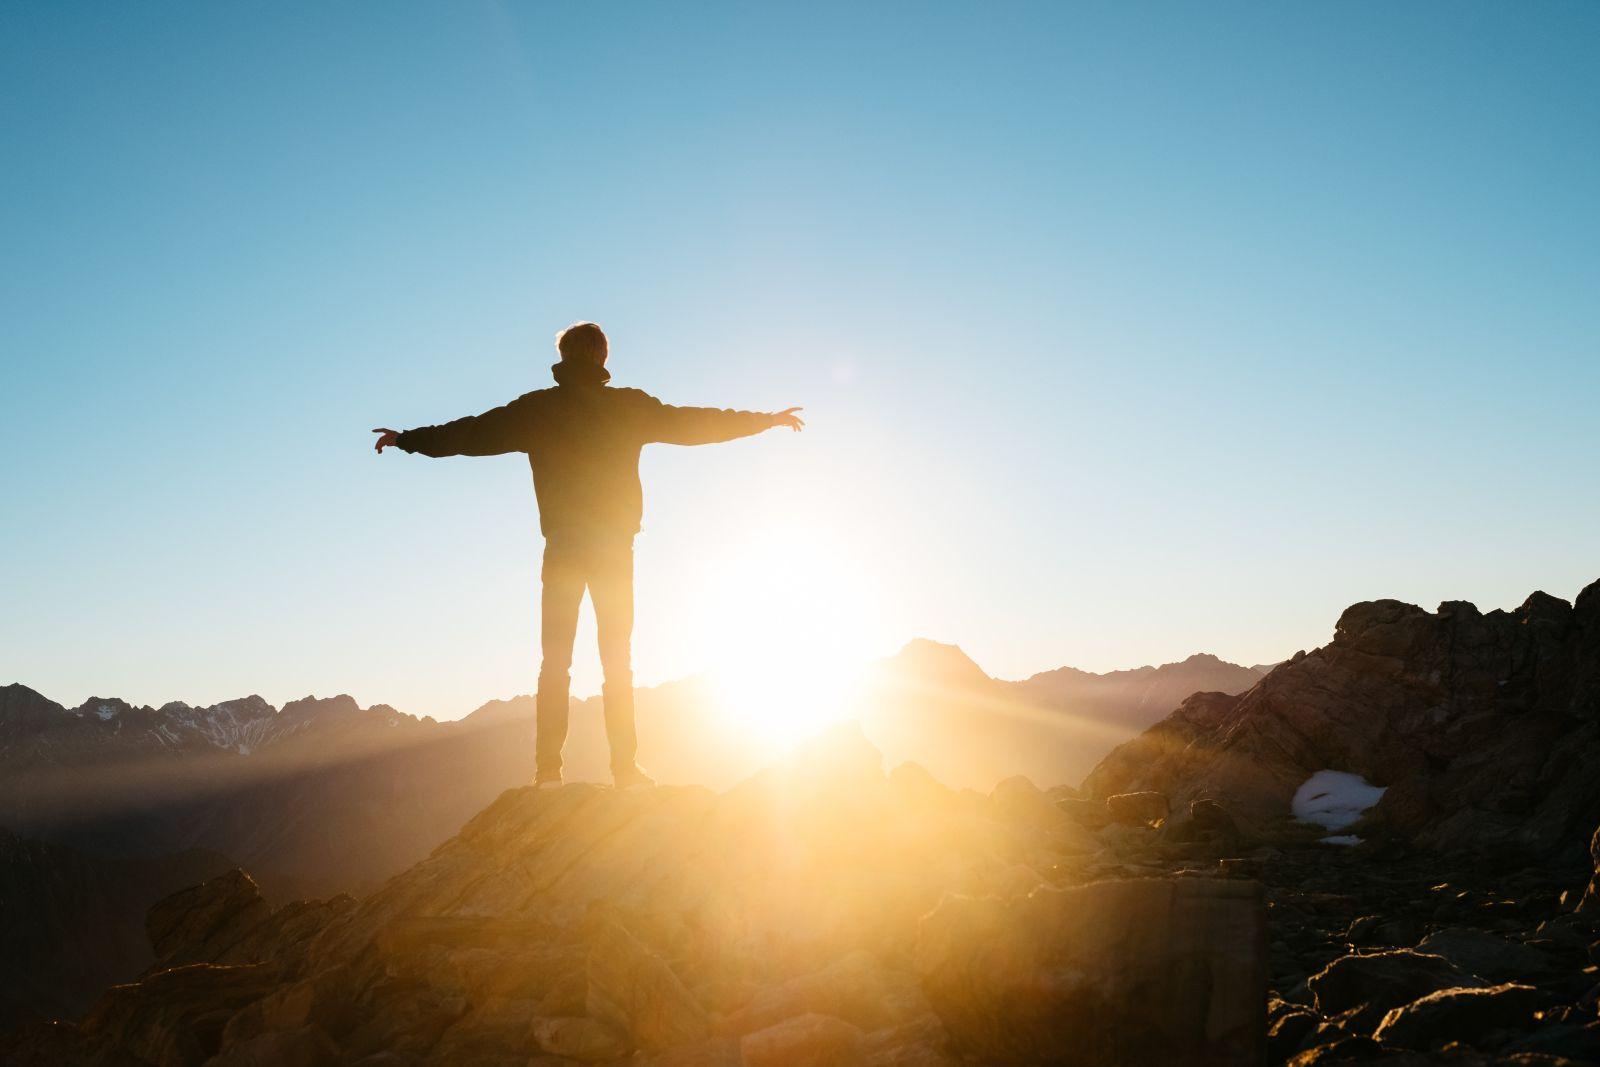 Mann von hinten auf einem Berg stehend und die Arme ausbreitend zum Sonnenaufgang schauend.